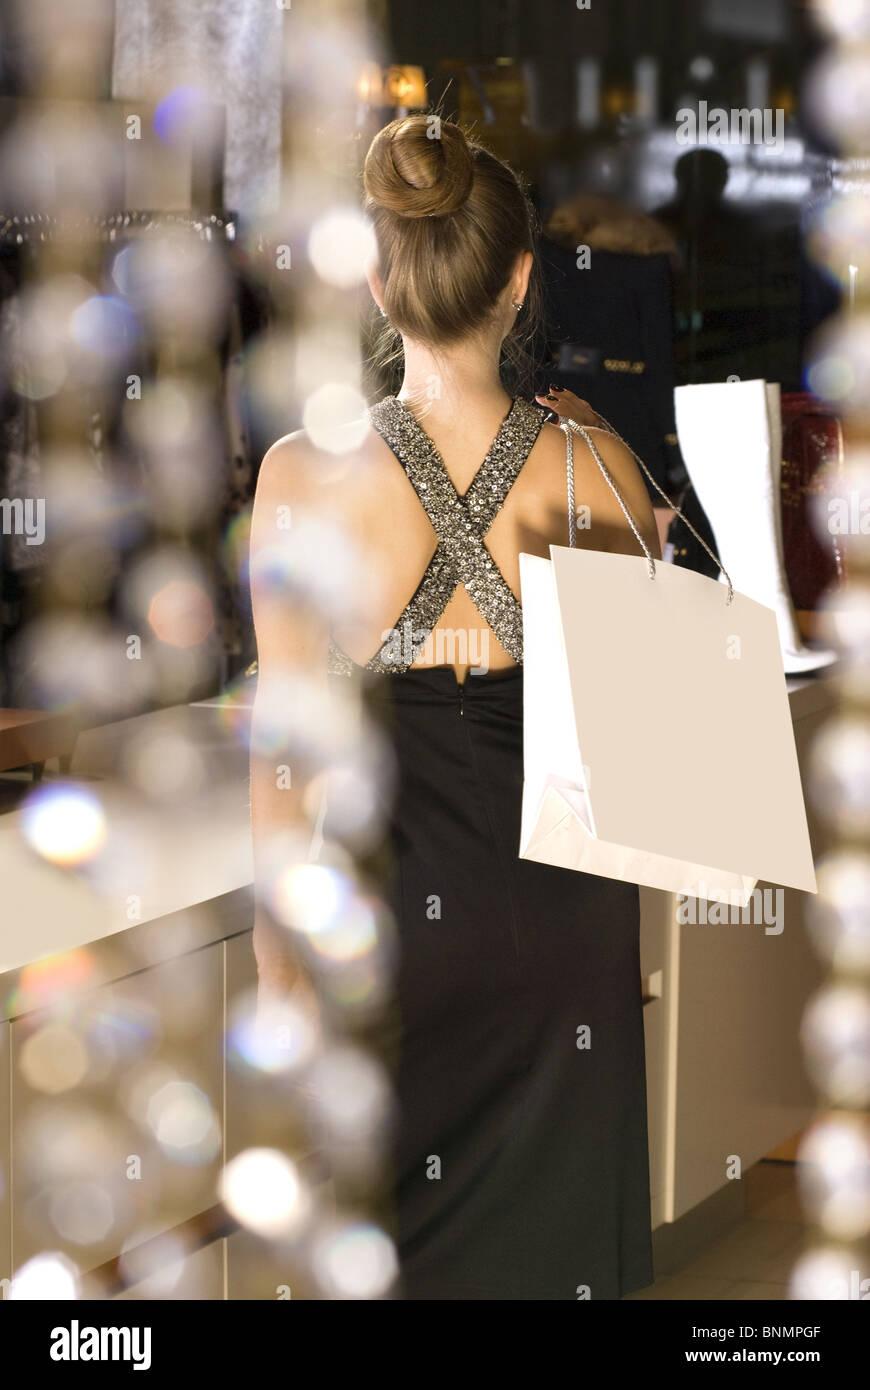 Rückseite des schönen reiche Dame in der boutique Stockfoto